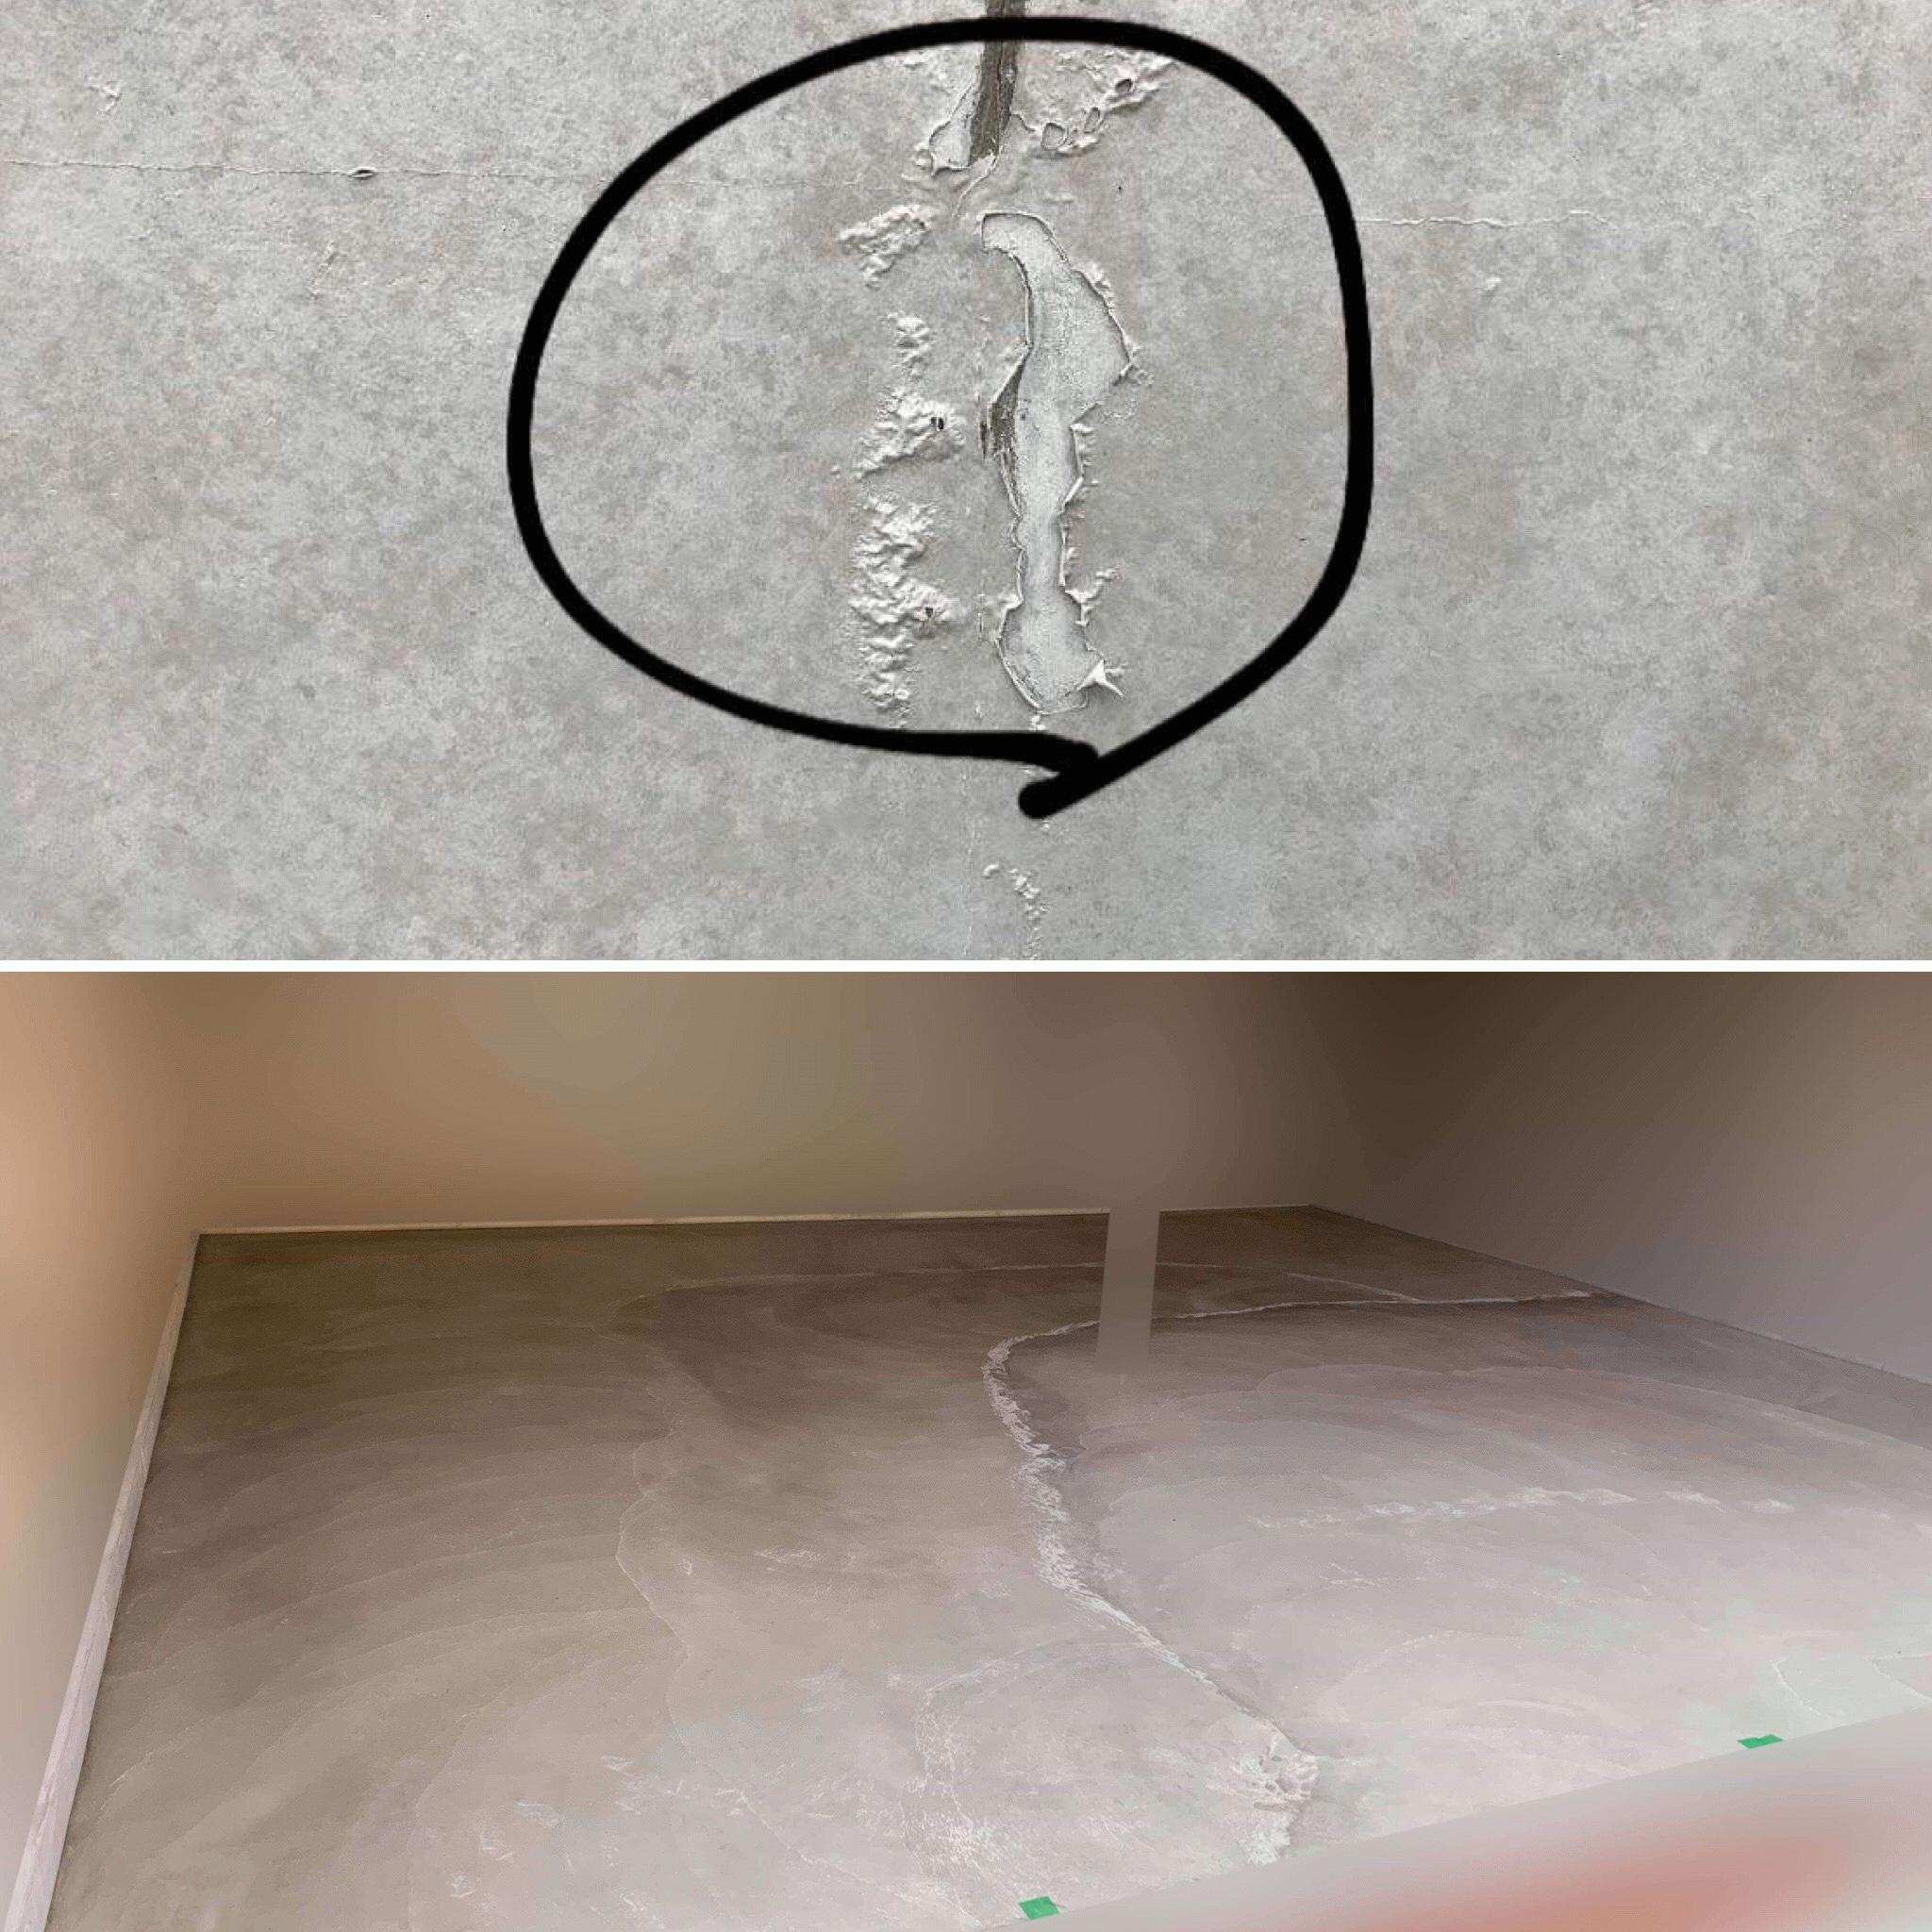 (仮称)コンクリート施工不良保険の検討【土間コン】【擁壁】の打ち肌で困ってない?